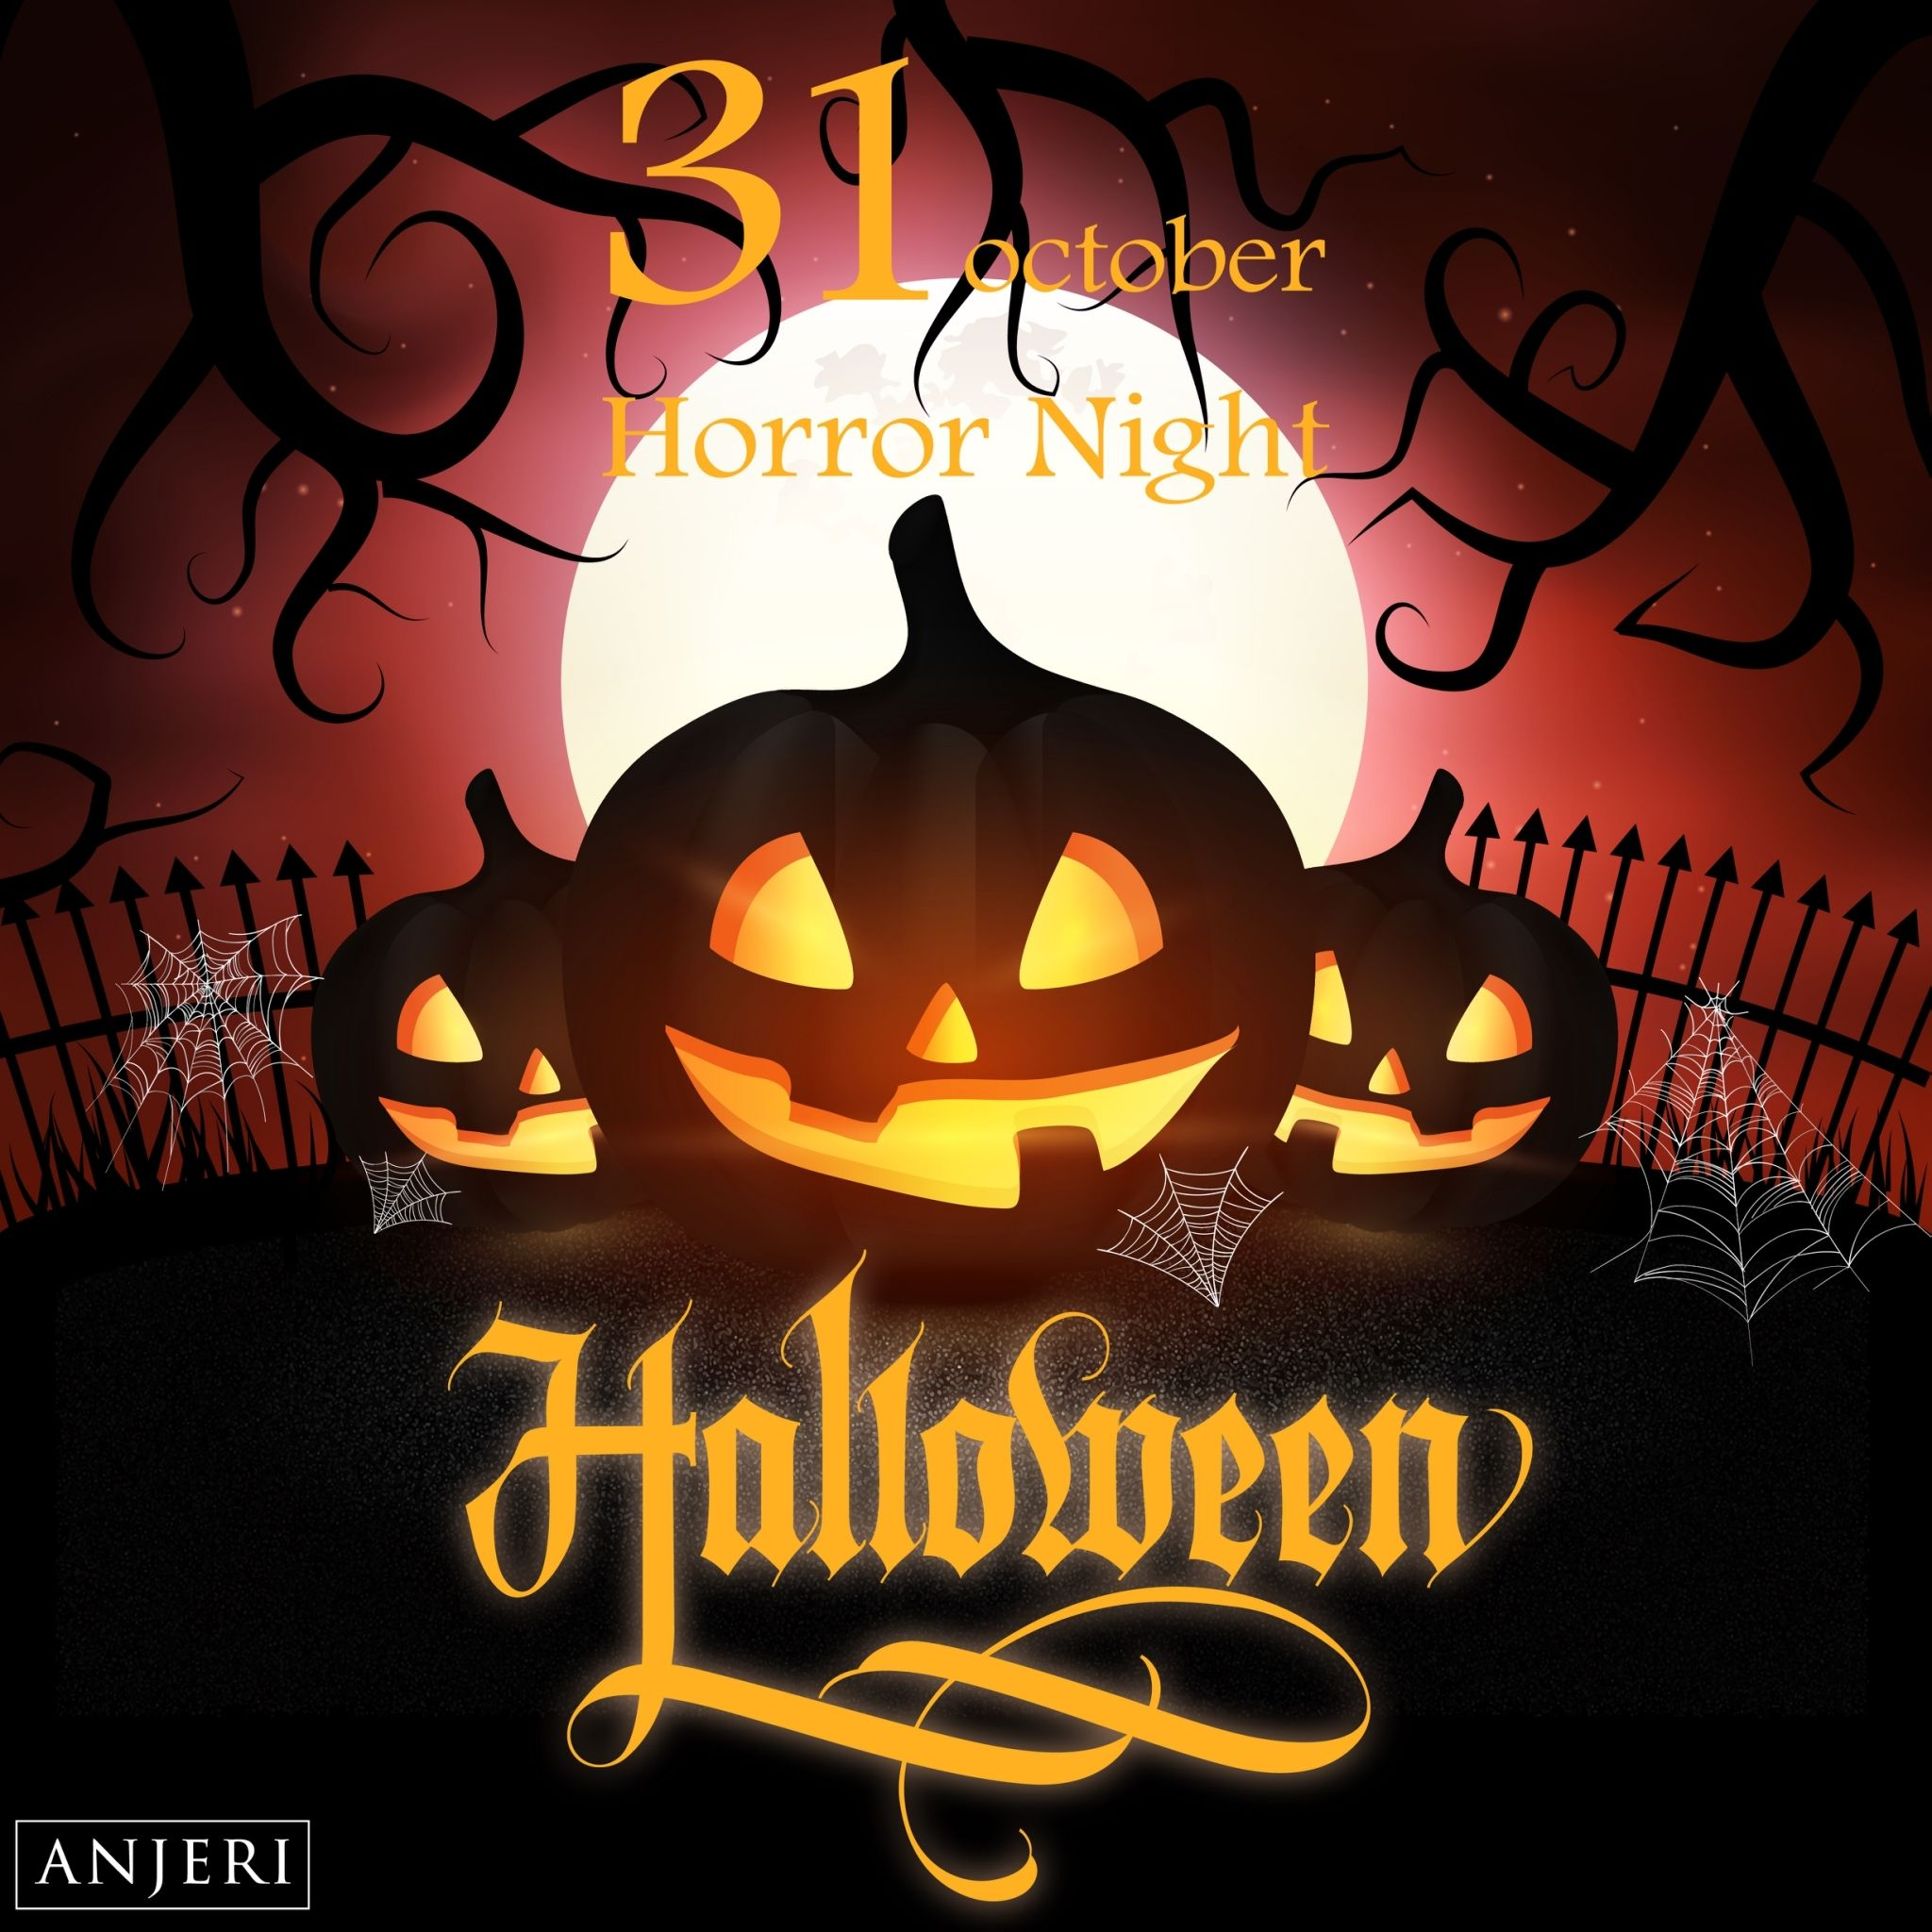 Trick or Treat ANJERI วันฮาโลวีน (Halloween) ตรงกับวัน